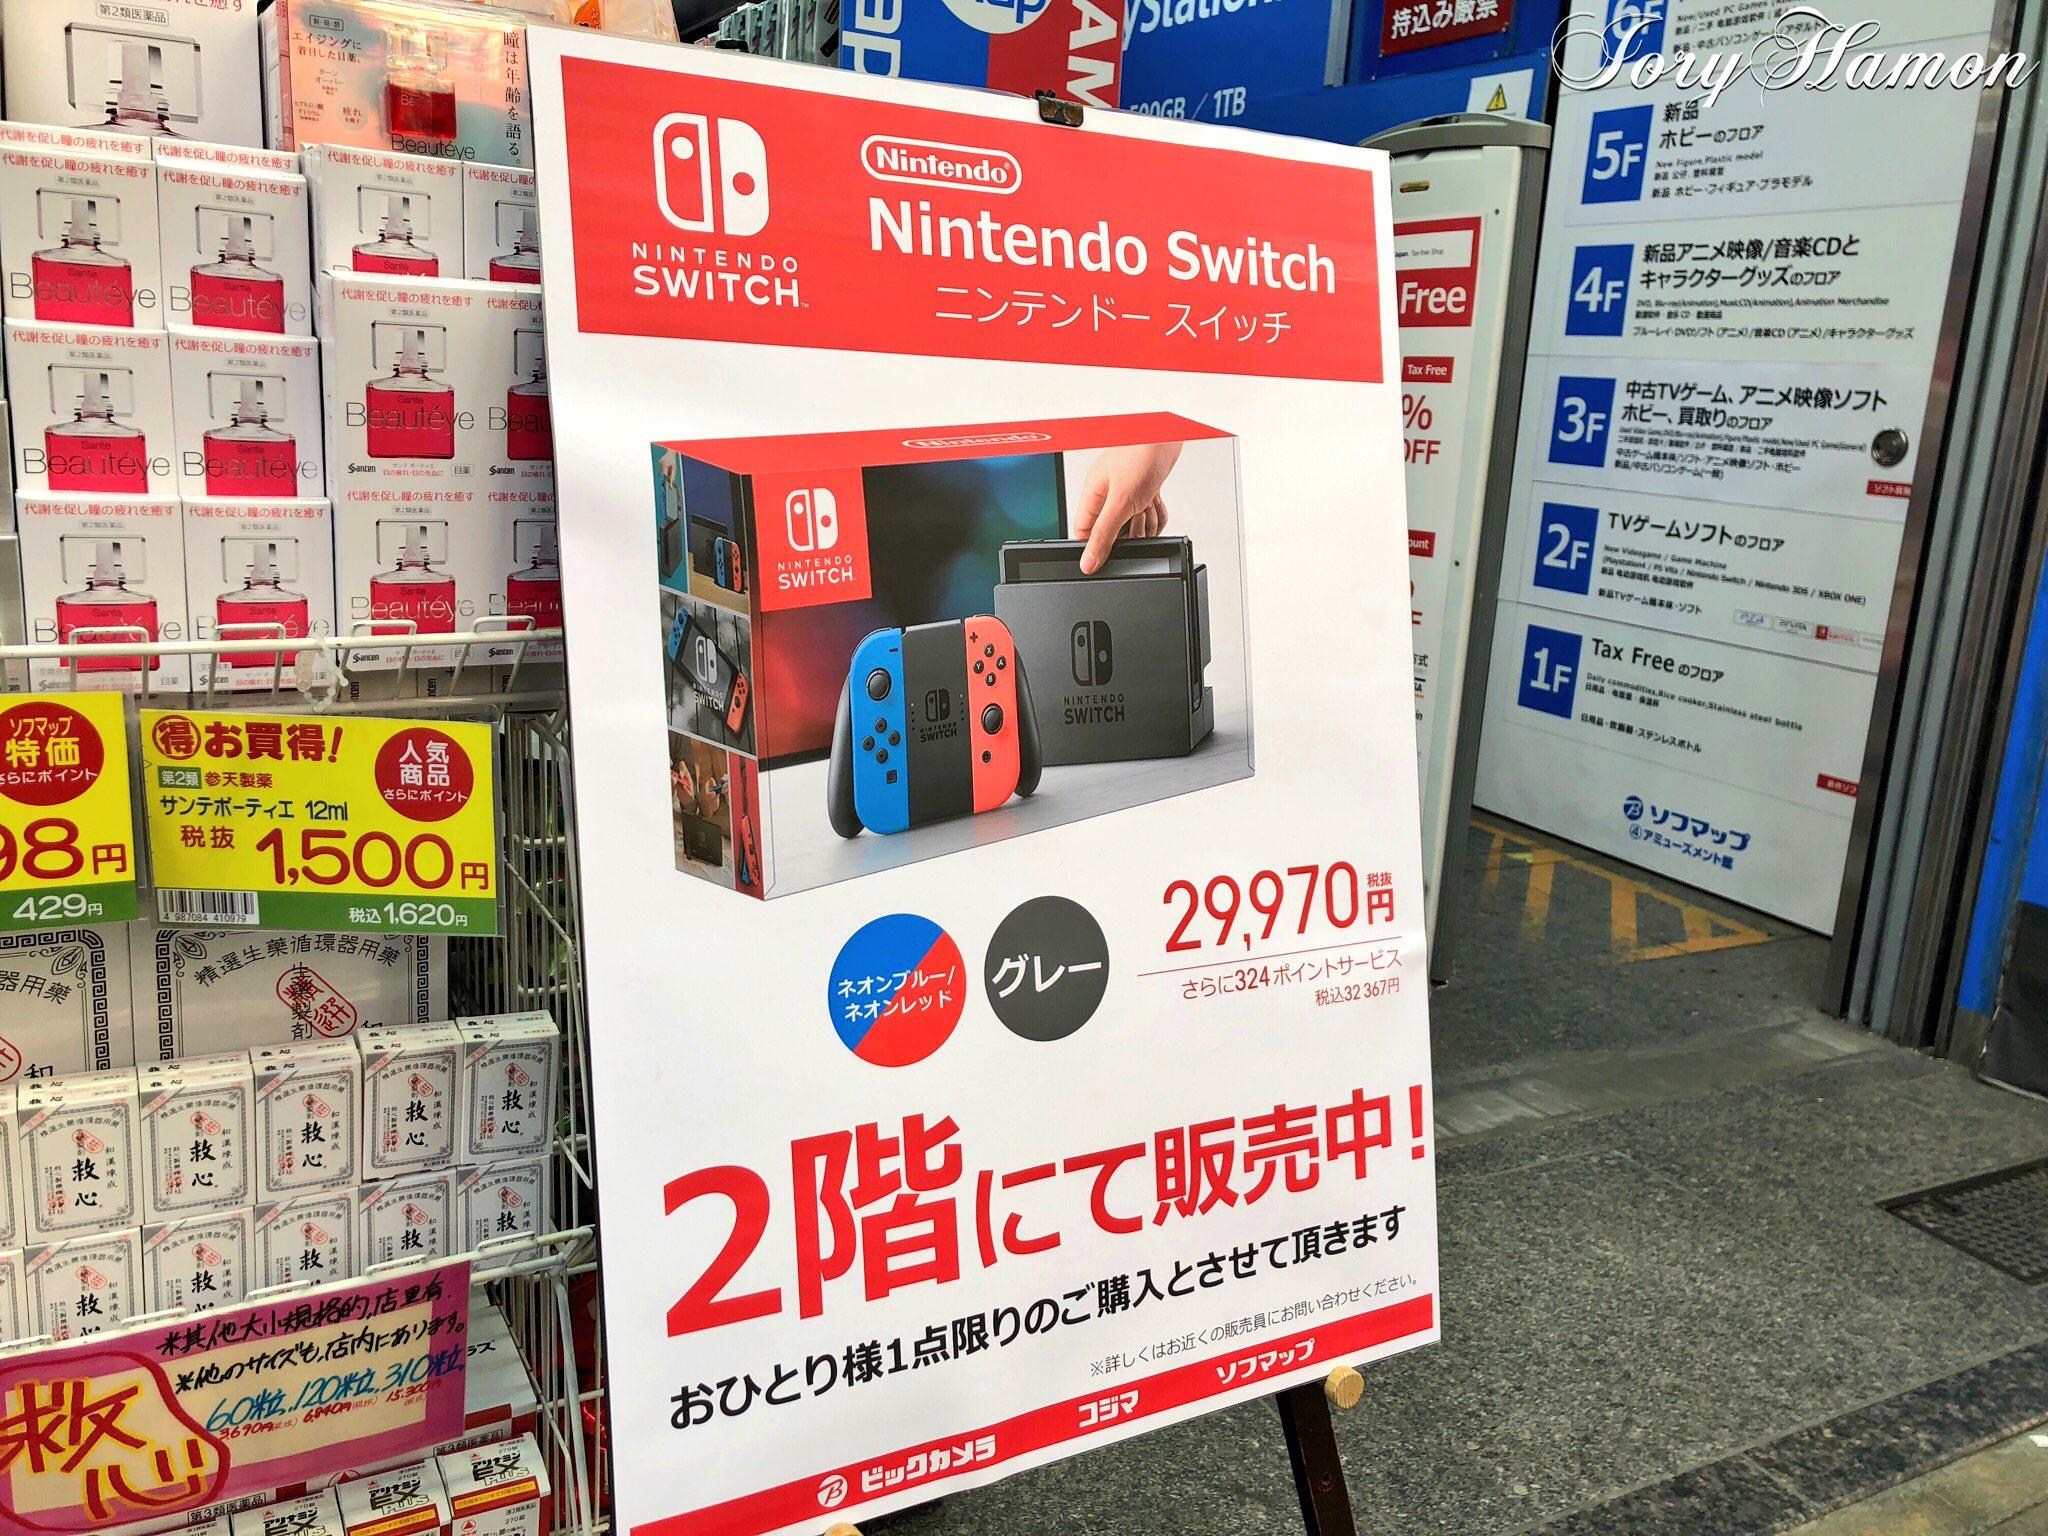 スイッチ、ソフマップでも普通に買える #akihabara https://t.co/WRHb5Fy4IE